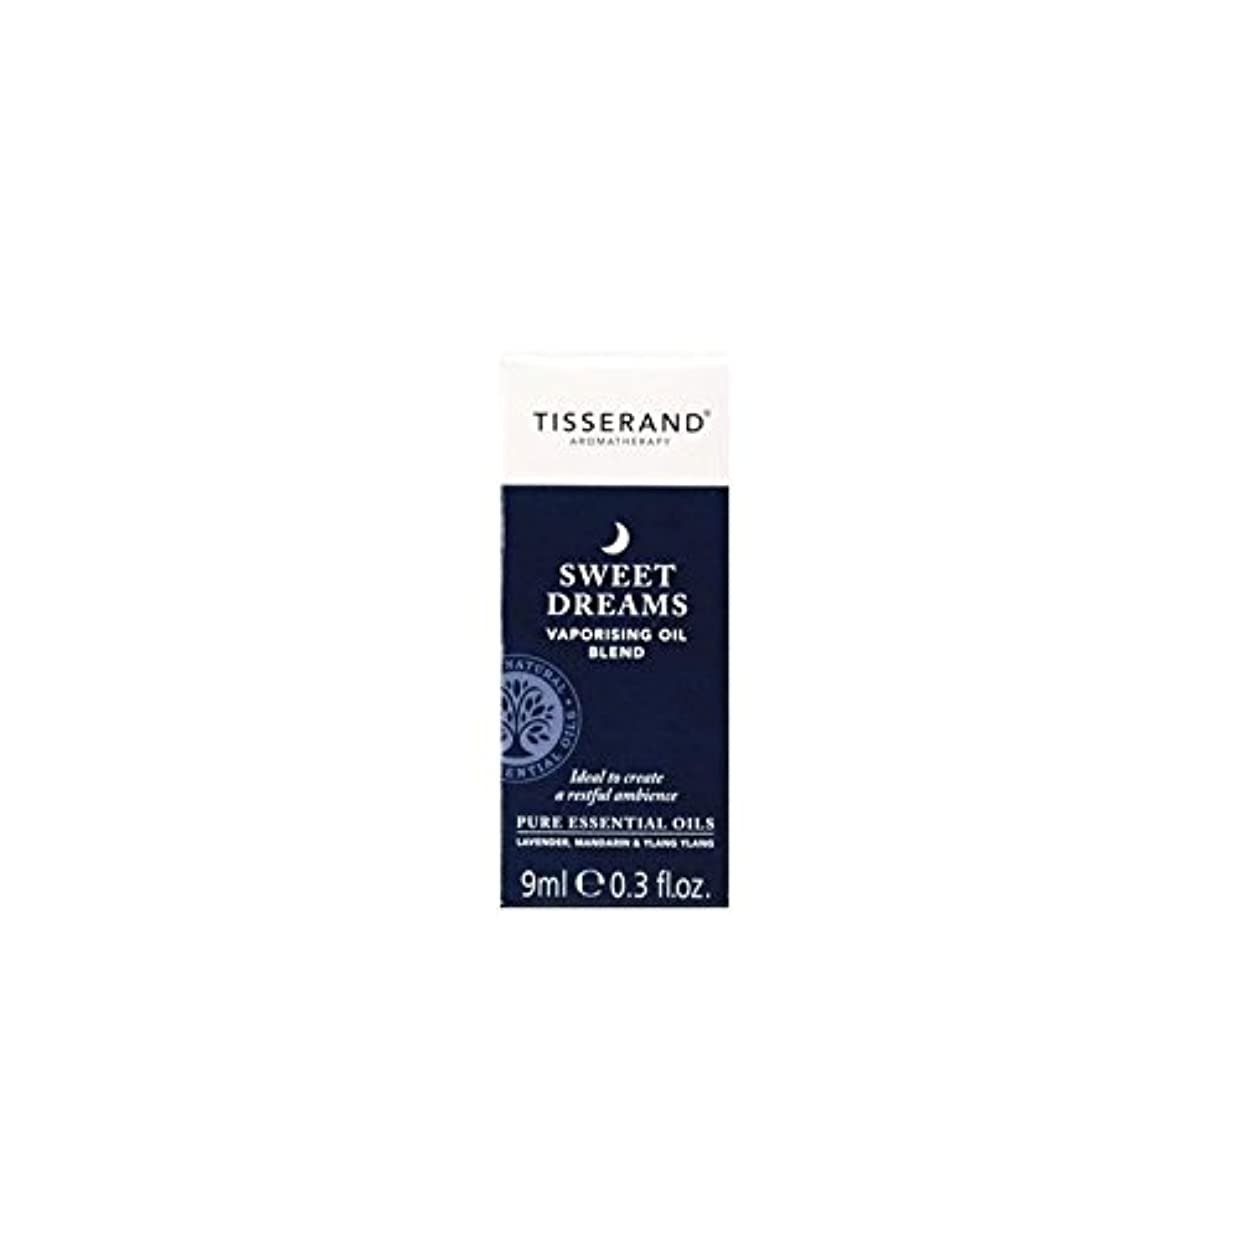 差クレアメタルラインオイル9ミリリットルを気化甘い夢 (Tisserand) (x 4) - Tisserand Sweet Dreams Vaporising Oil 9ml (Pack of 4) [並行輸入品]